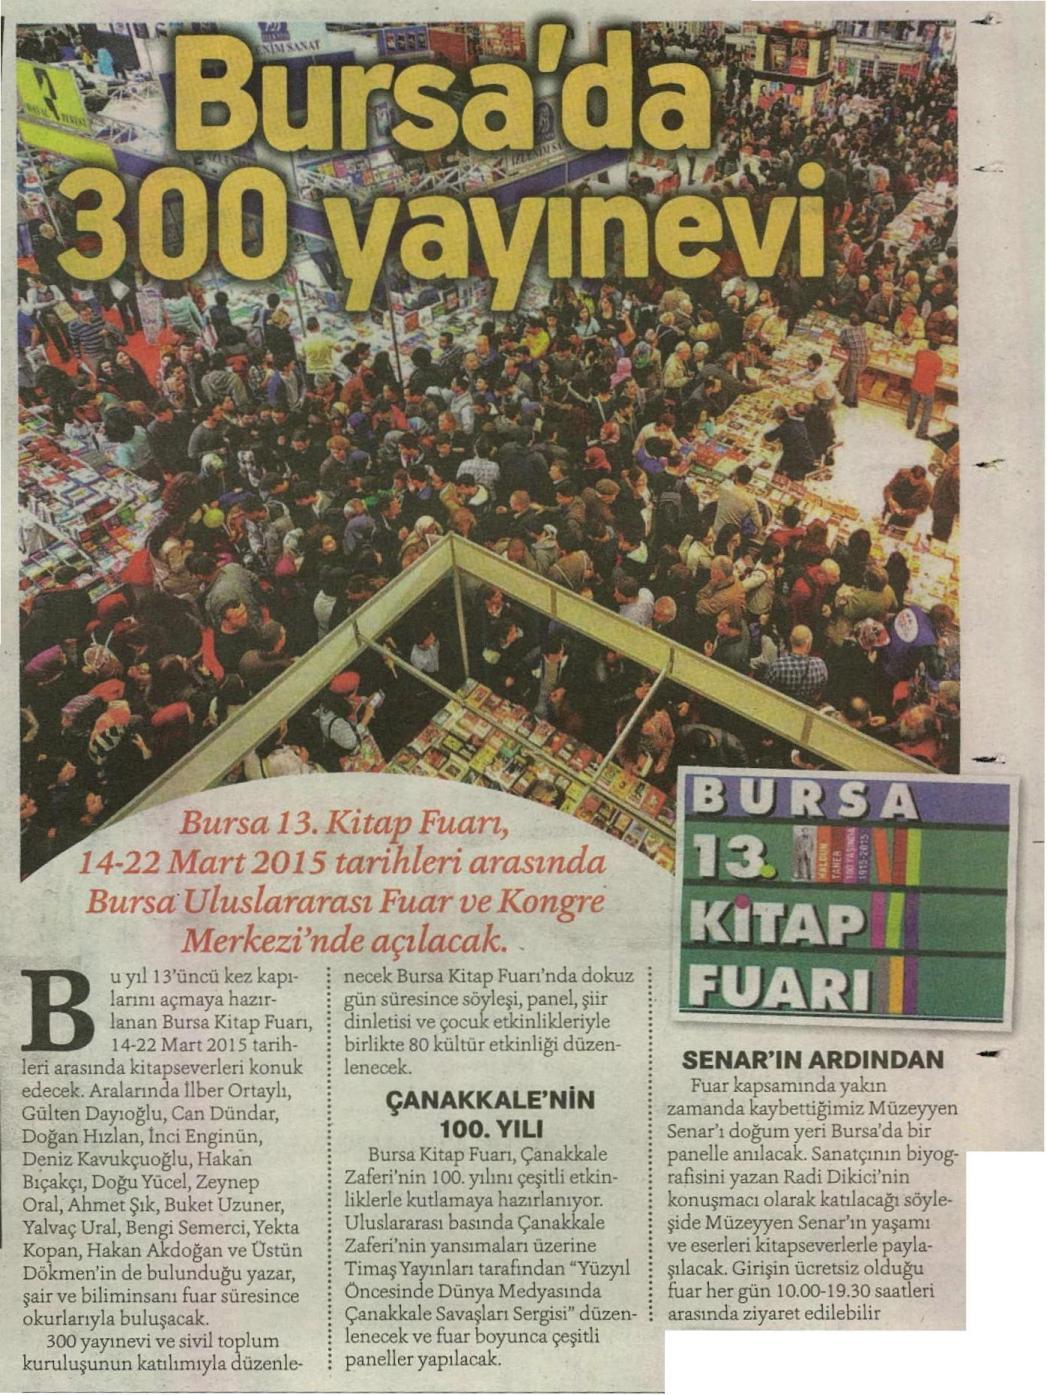 Bursa'da 300 yayınevi - HÜRRİYET KAMPÜS 11.03.2015 </p> <p>